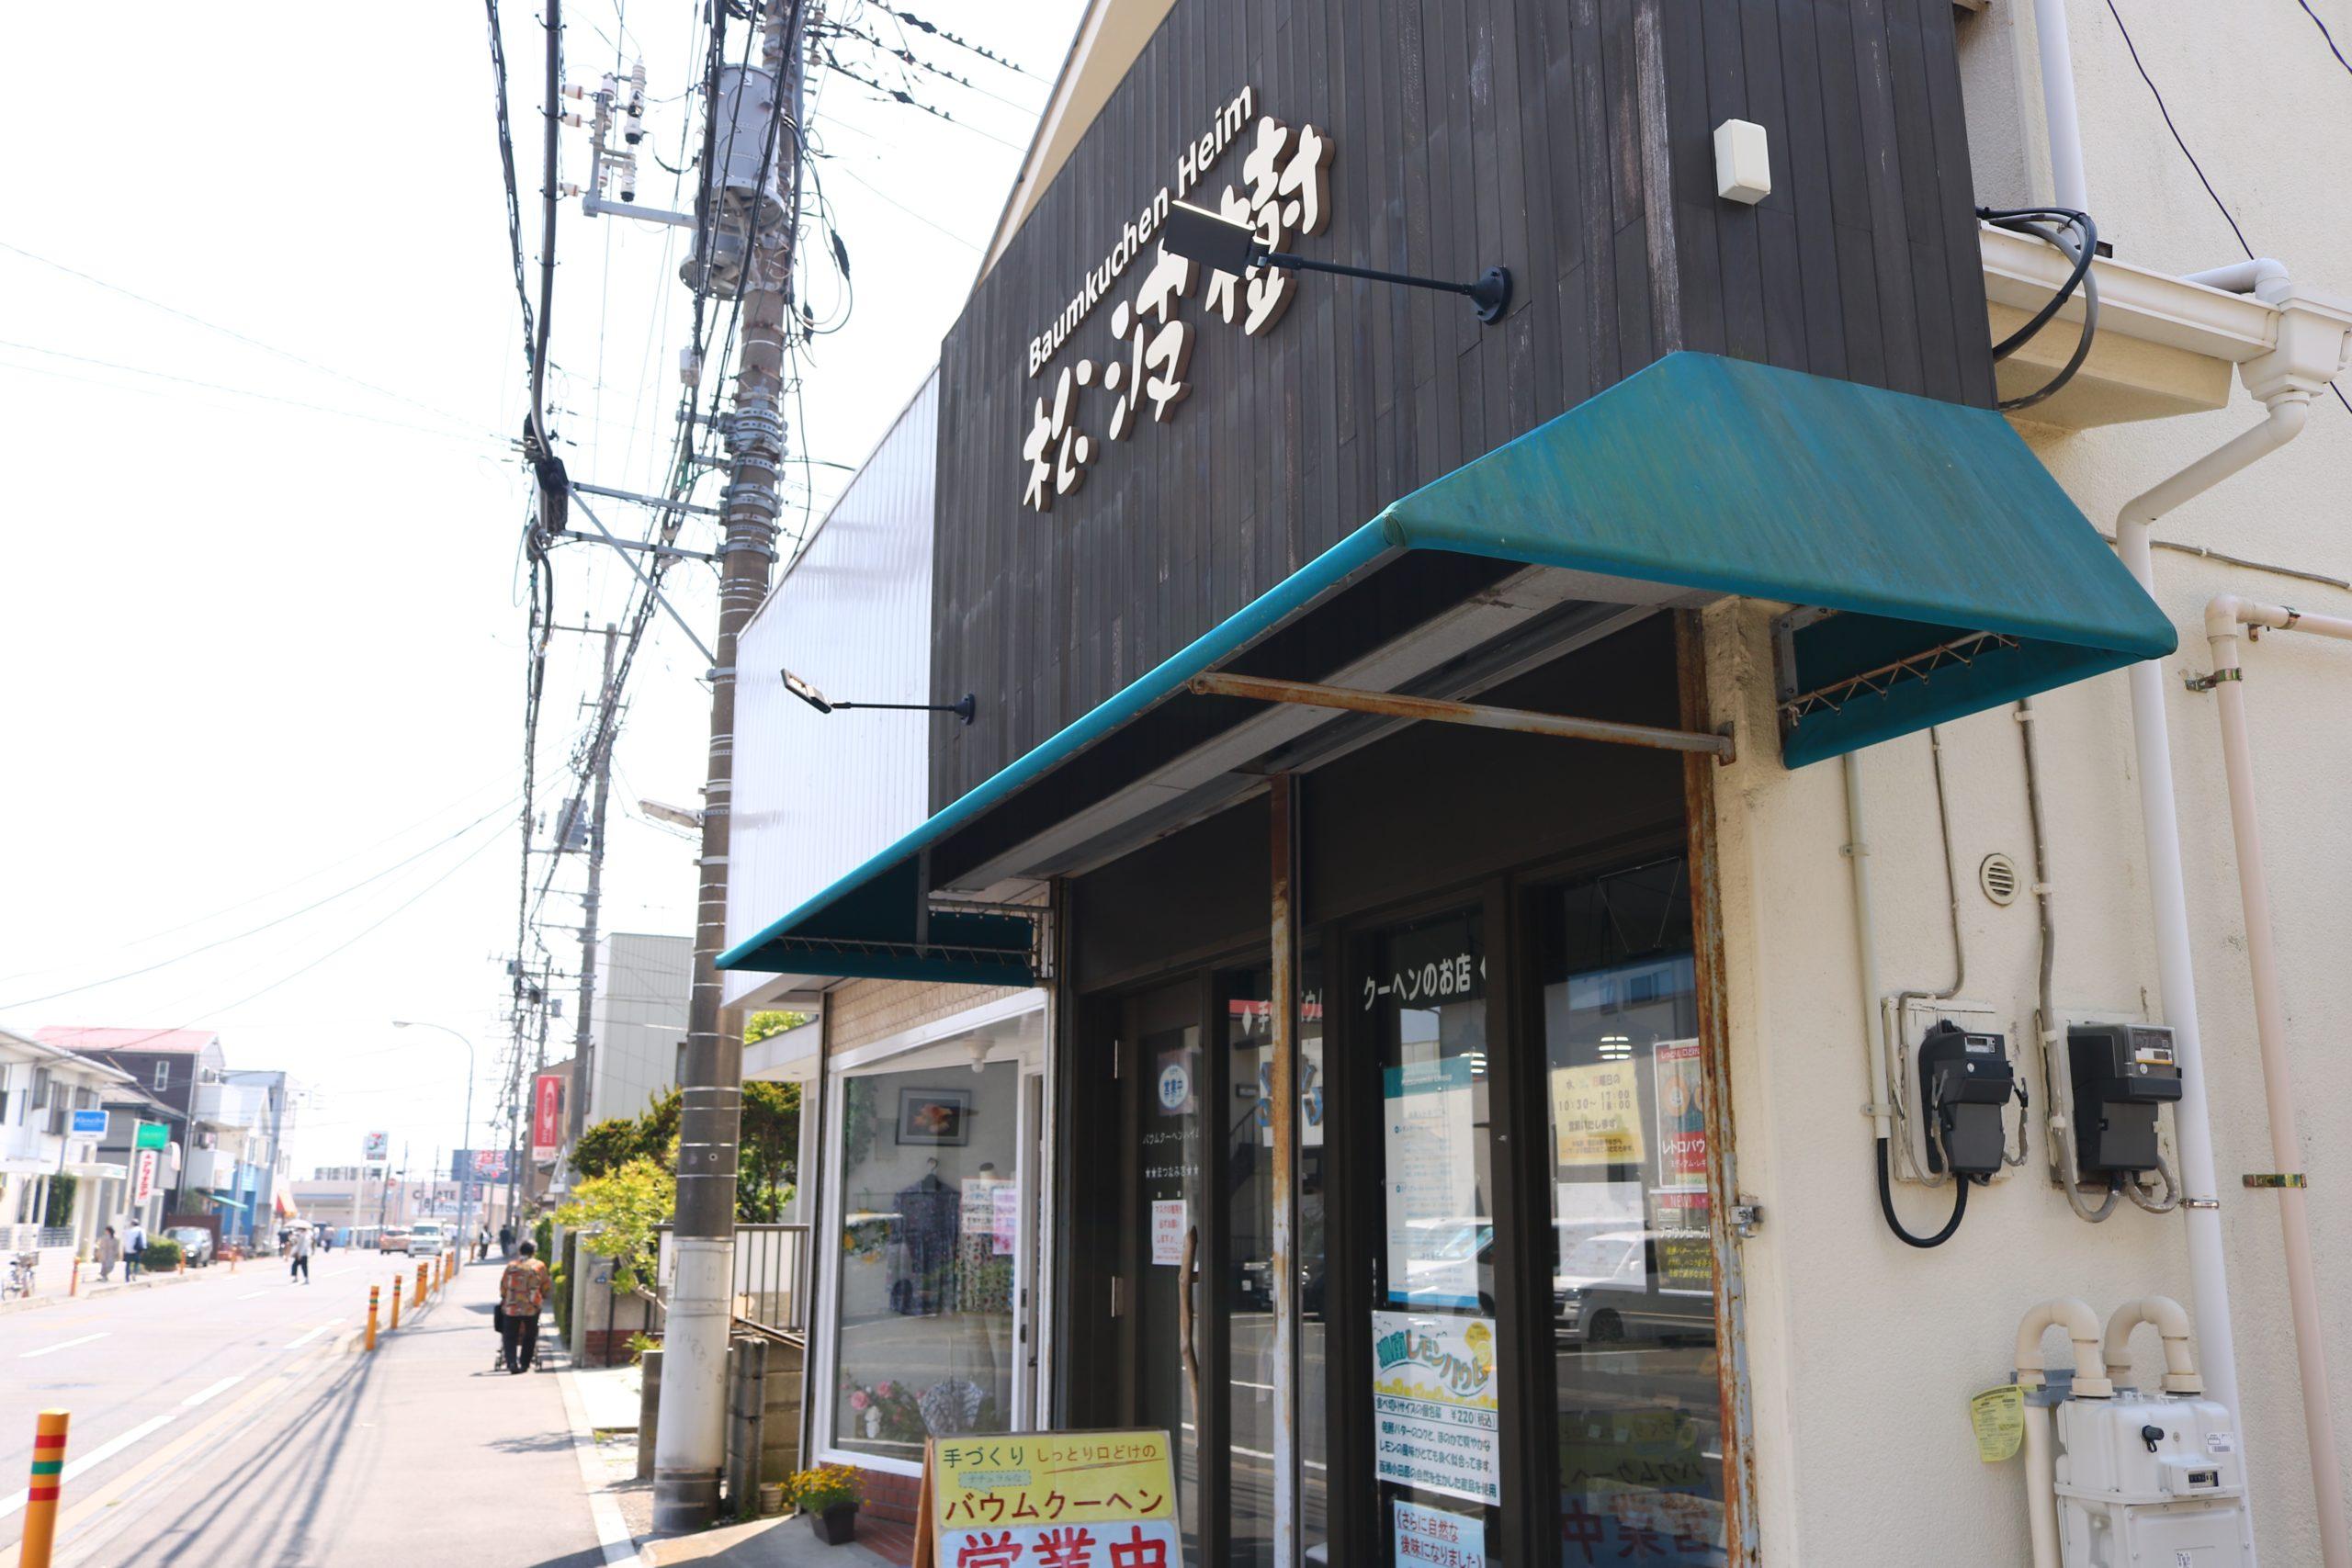 Baumukuchen Hiem 松波樹